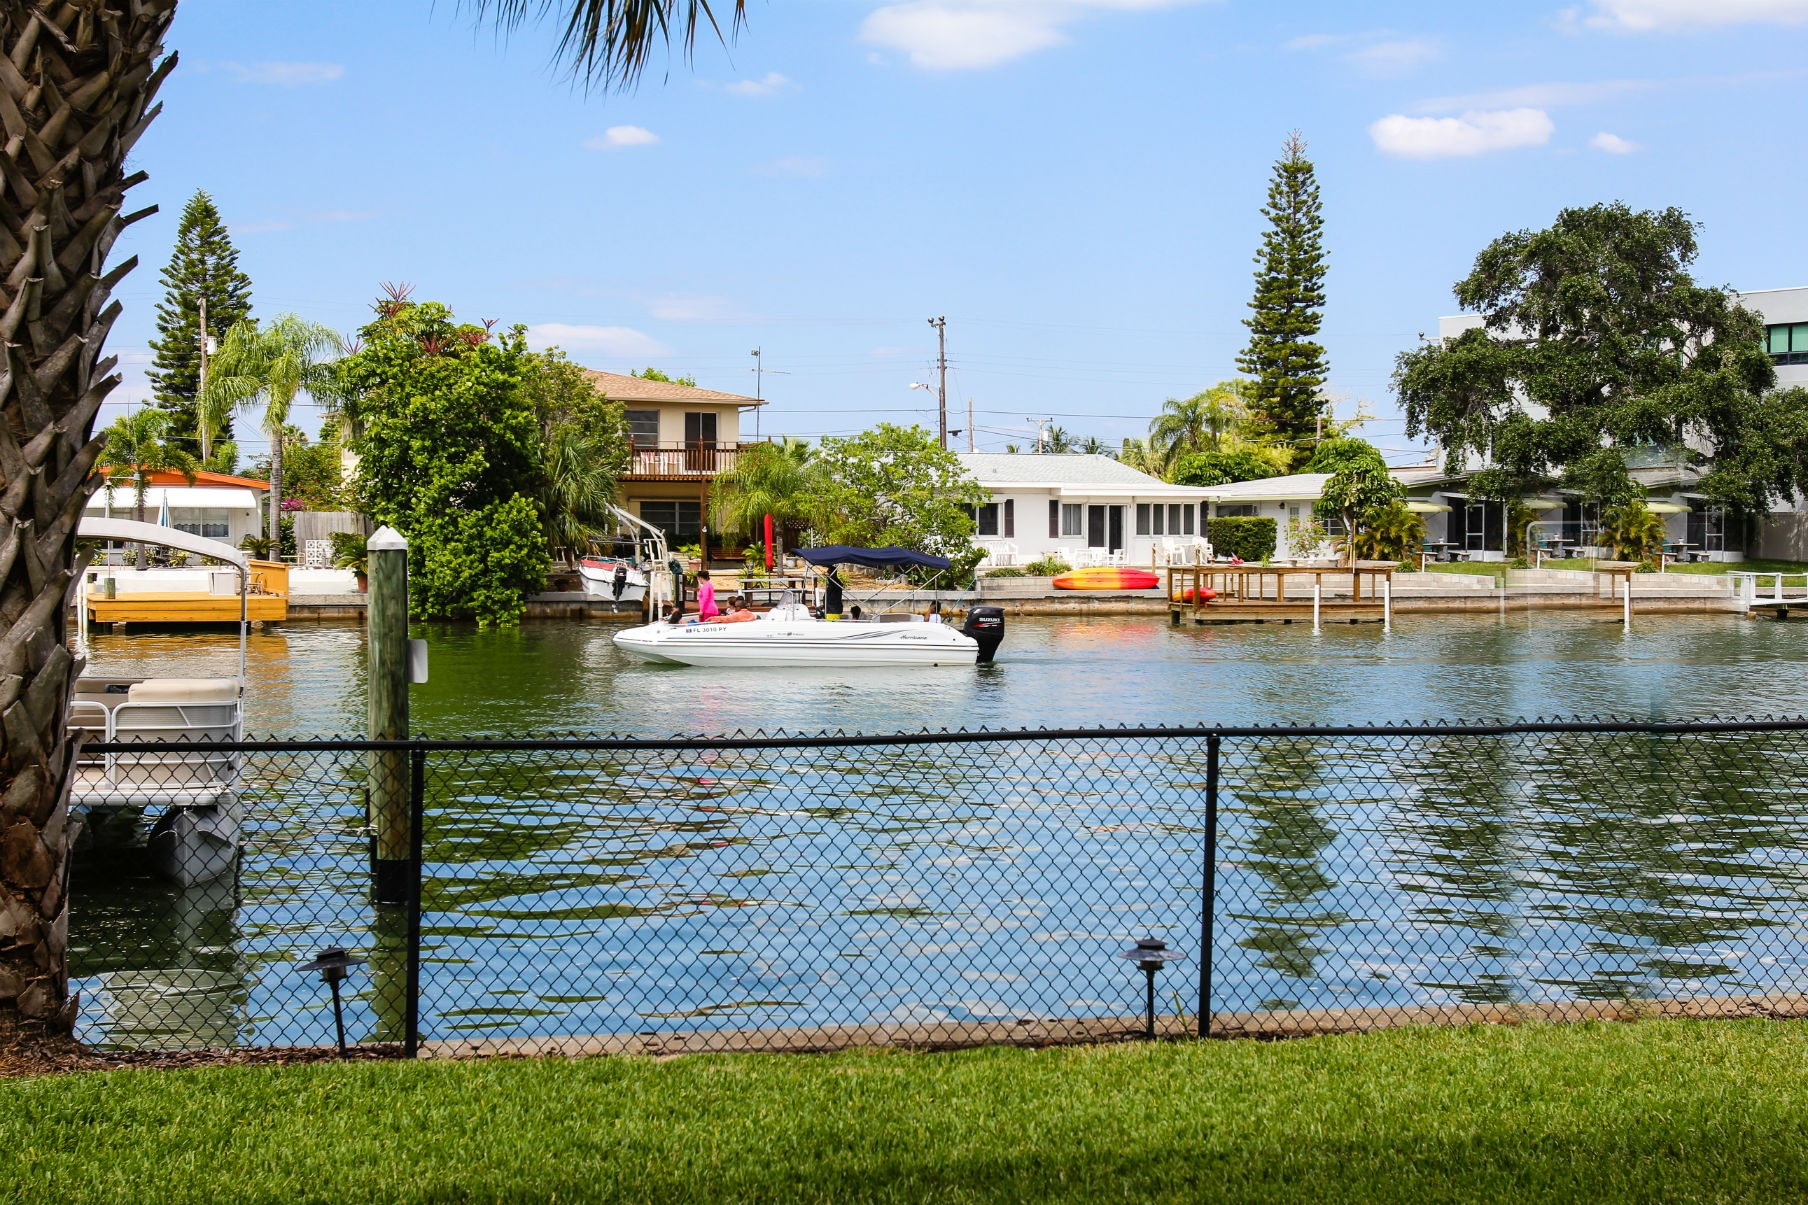 Treasure Bay Resort and Marina - Marina view